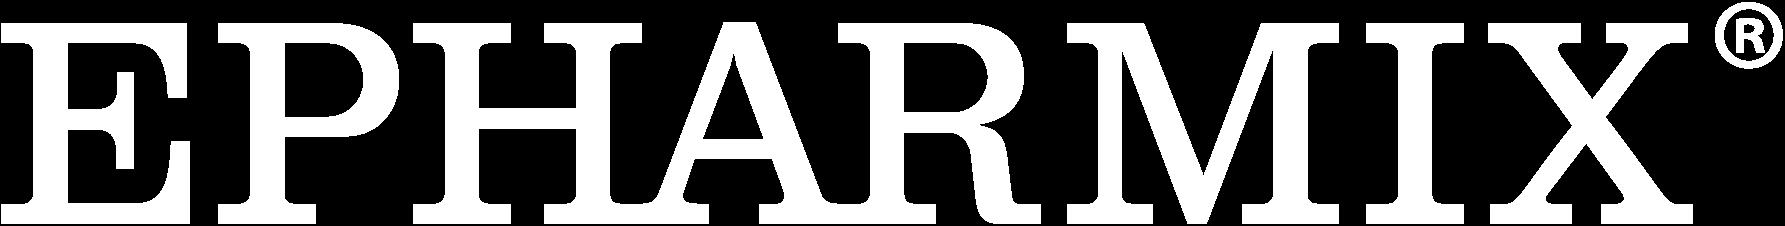 Epharmix logo.